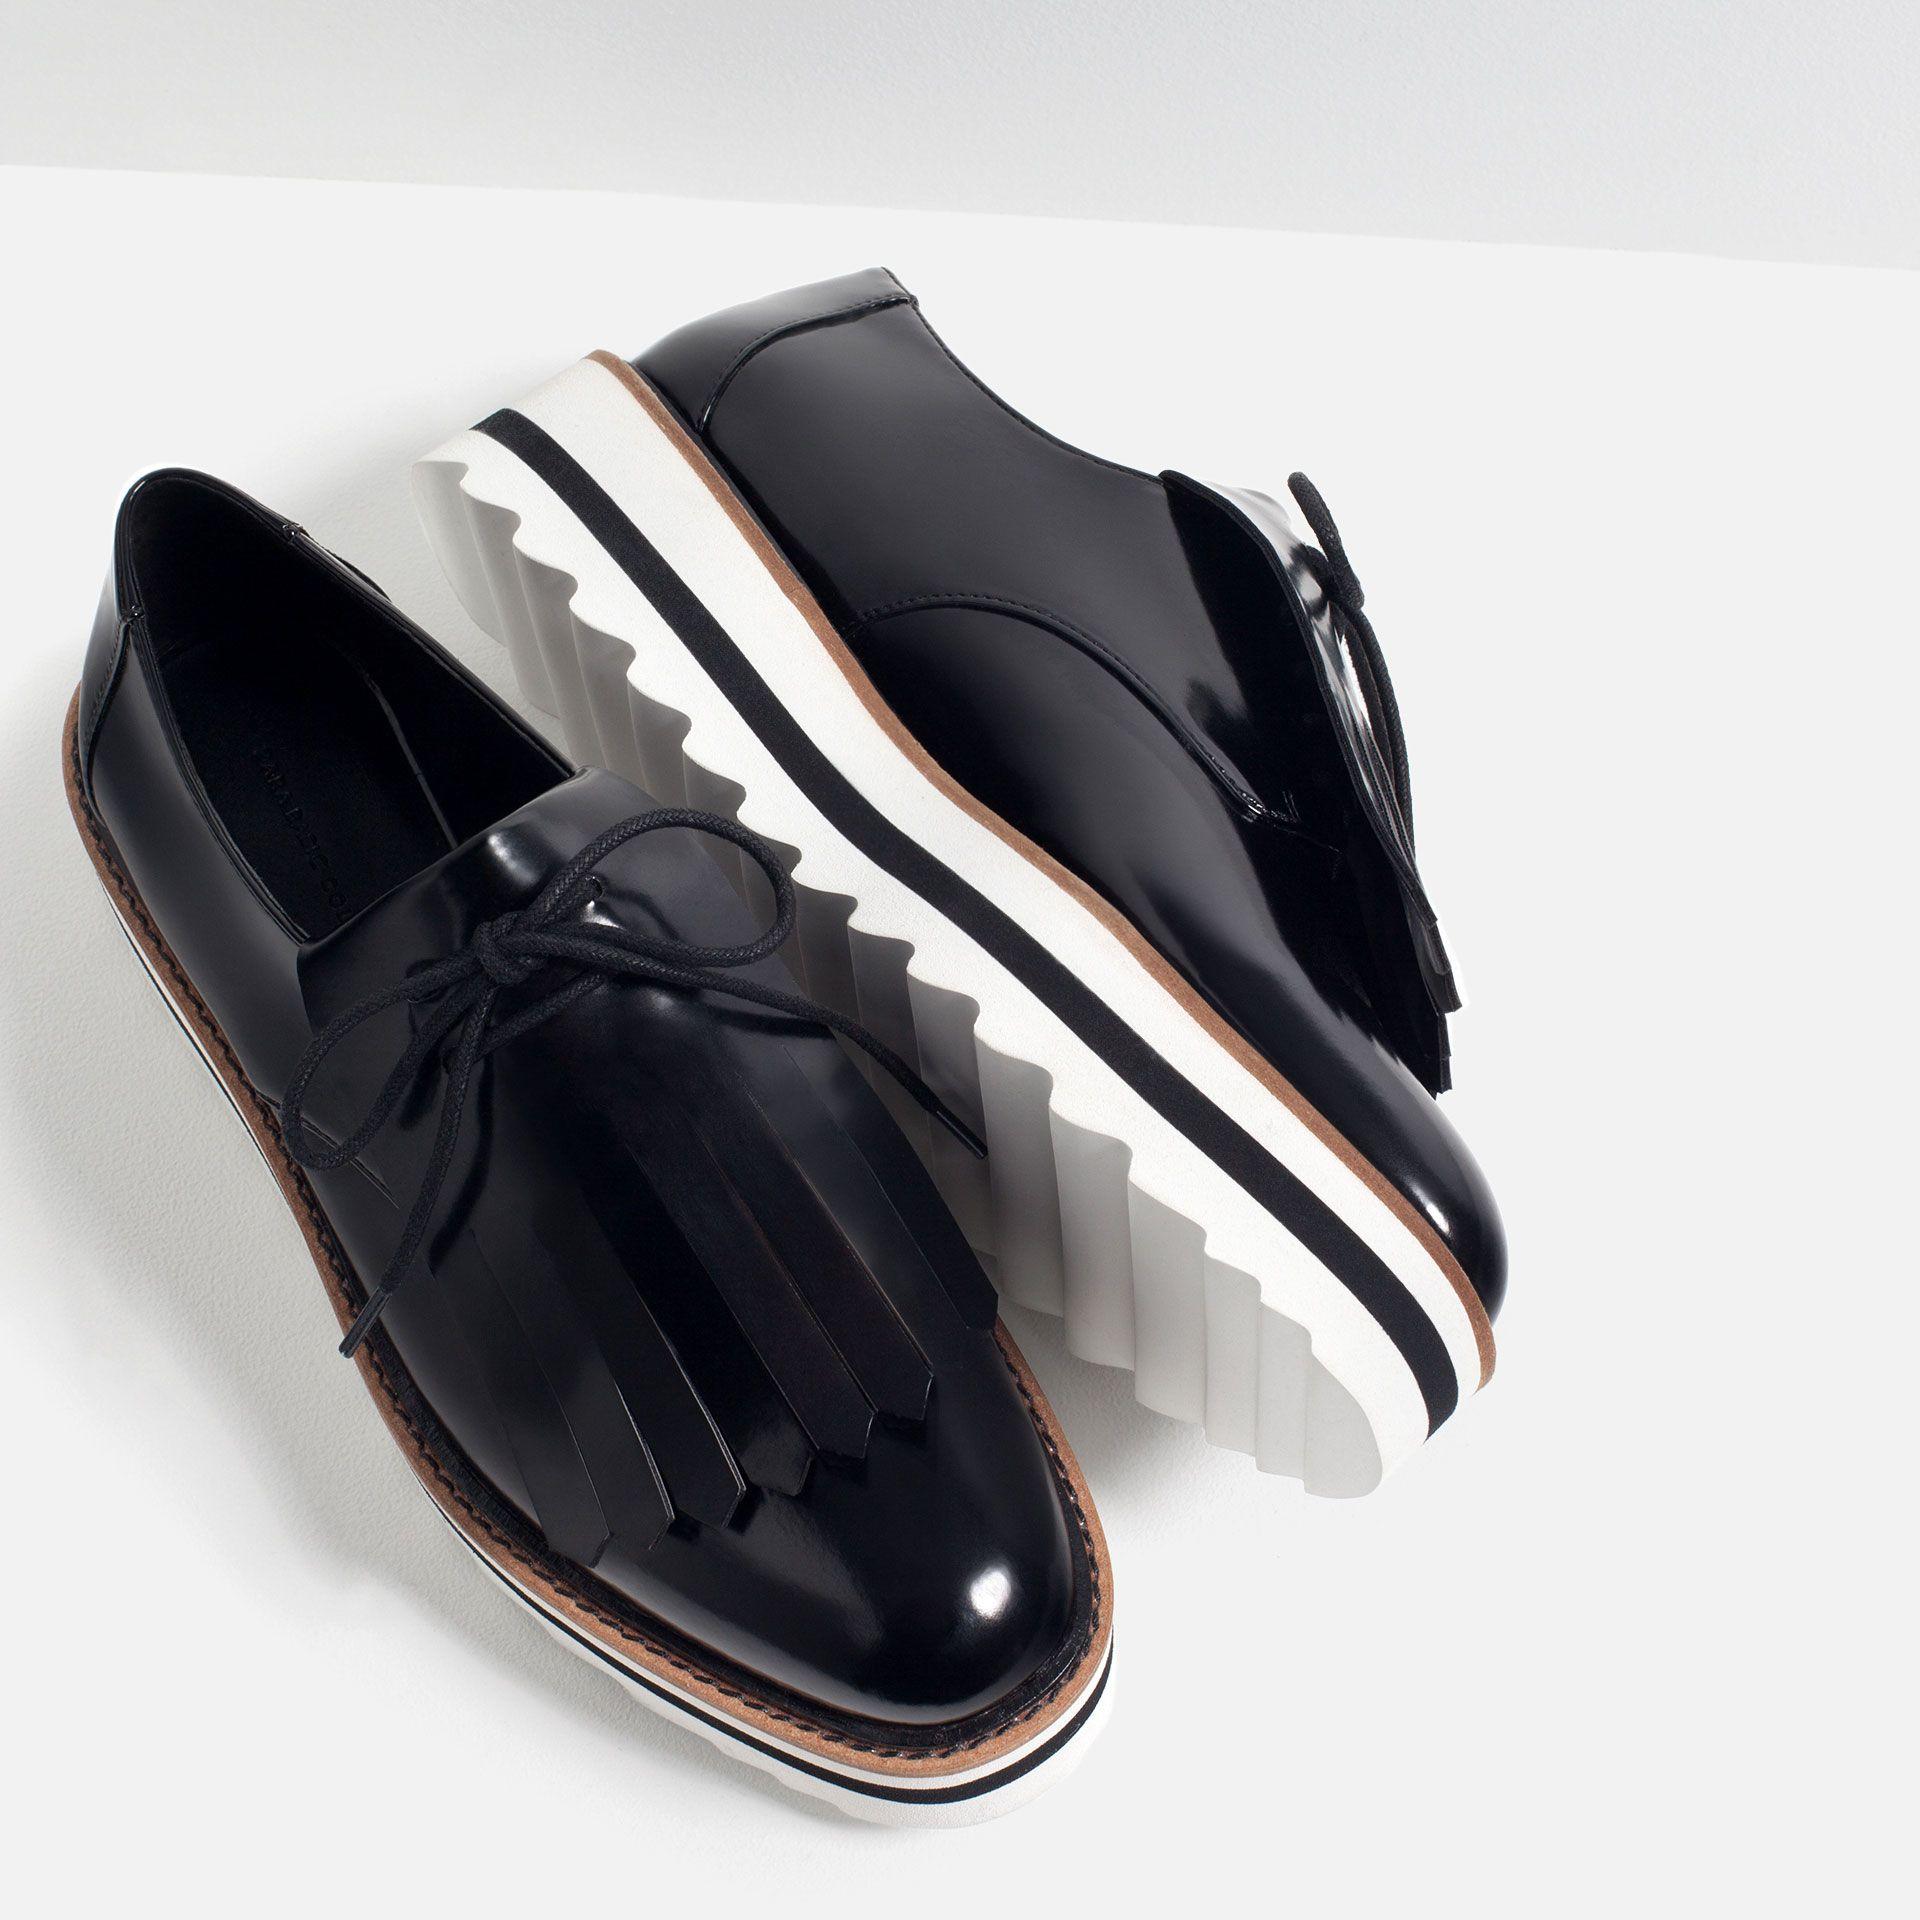 chaussures plates franges tout voir nouveaut s femme collection ss16 zara belgique. Black Bedroom Furniture Sets. Home Design Ideas